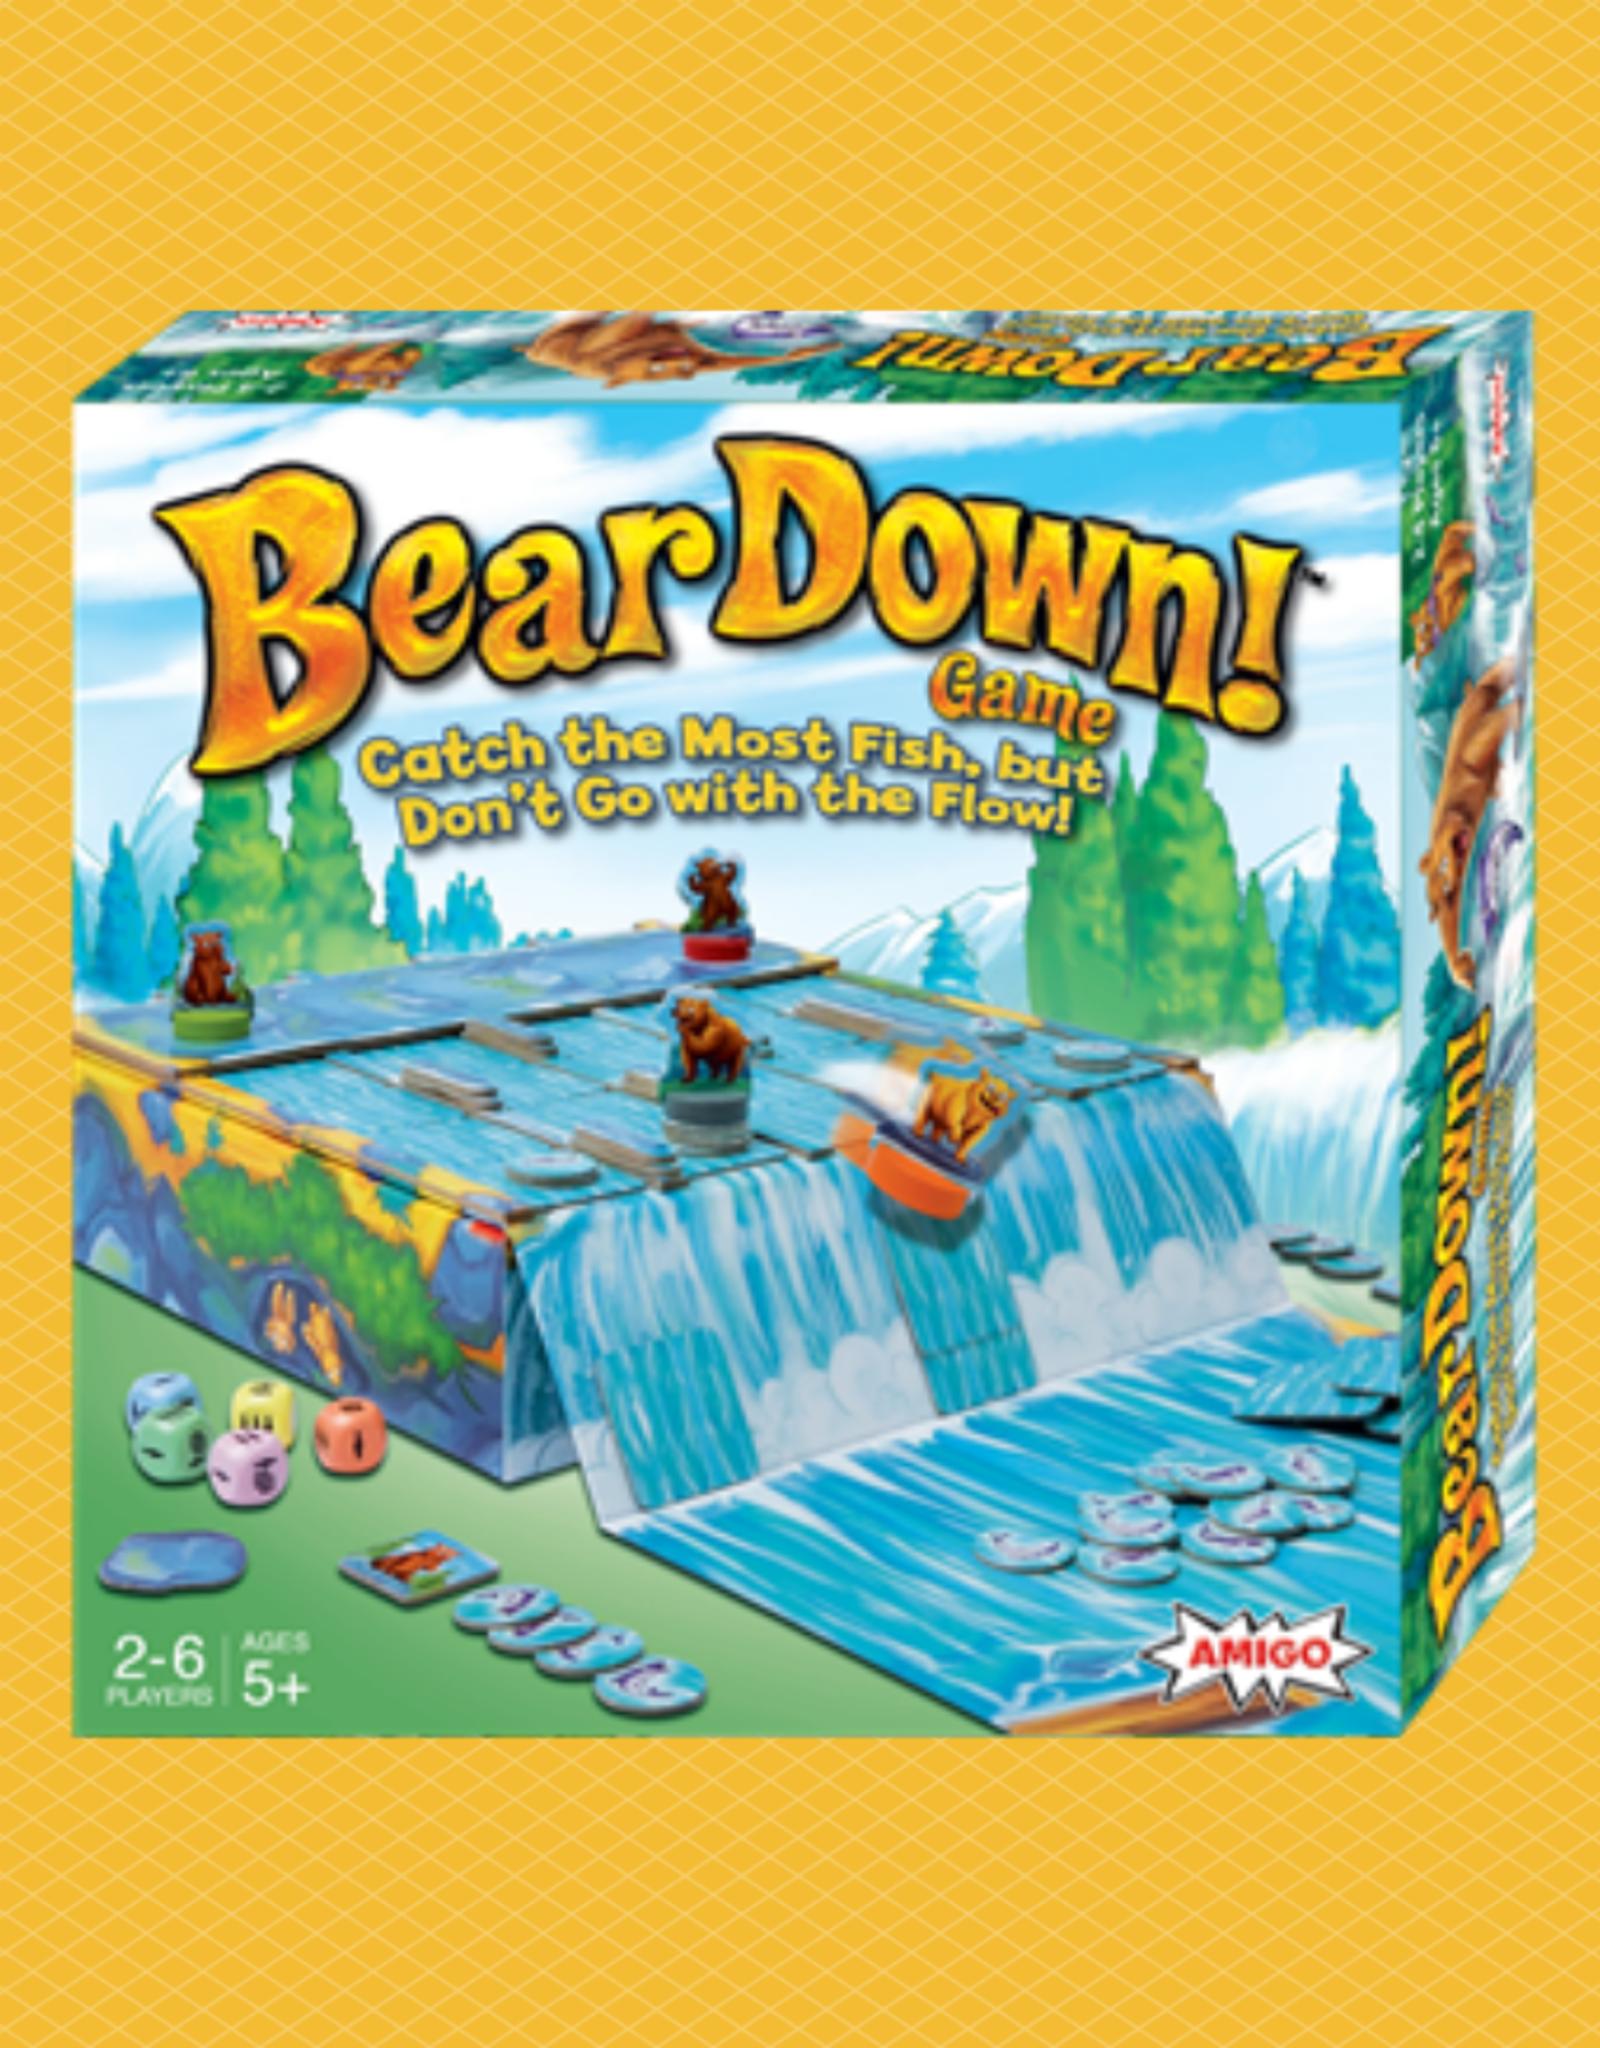 AMIGO BEAR DOWN! GAME